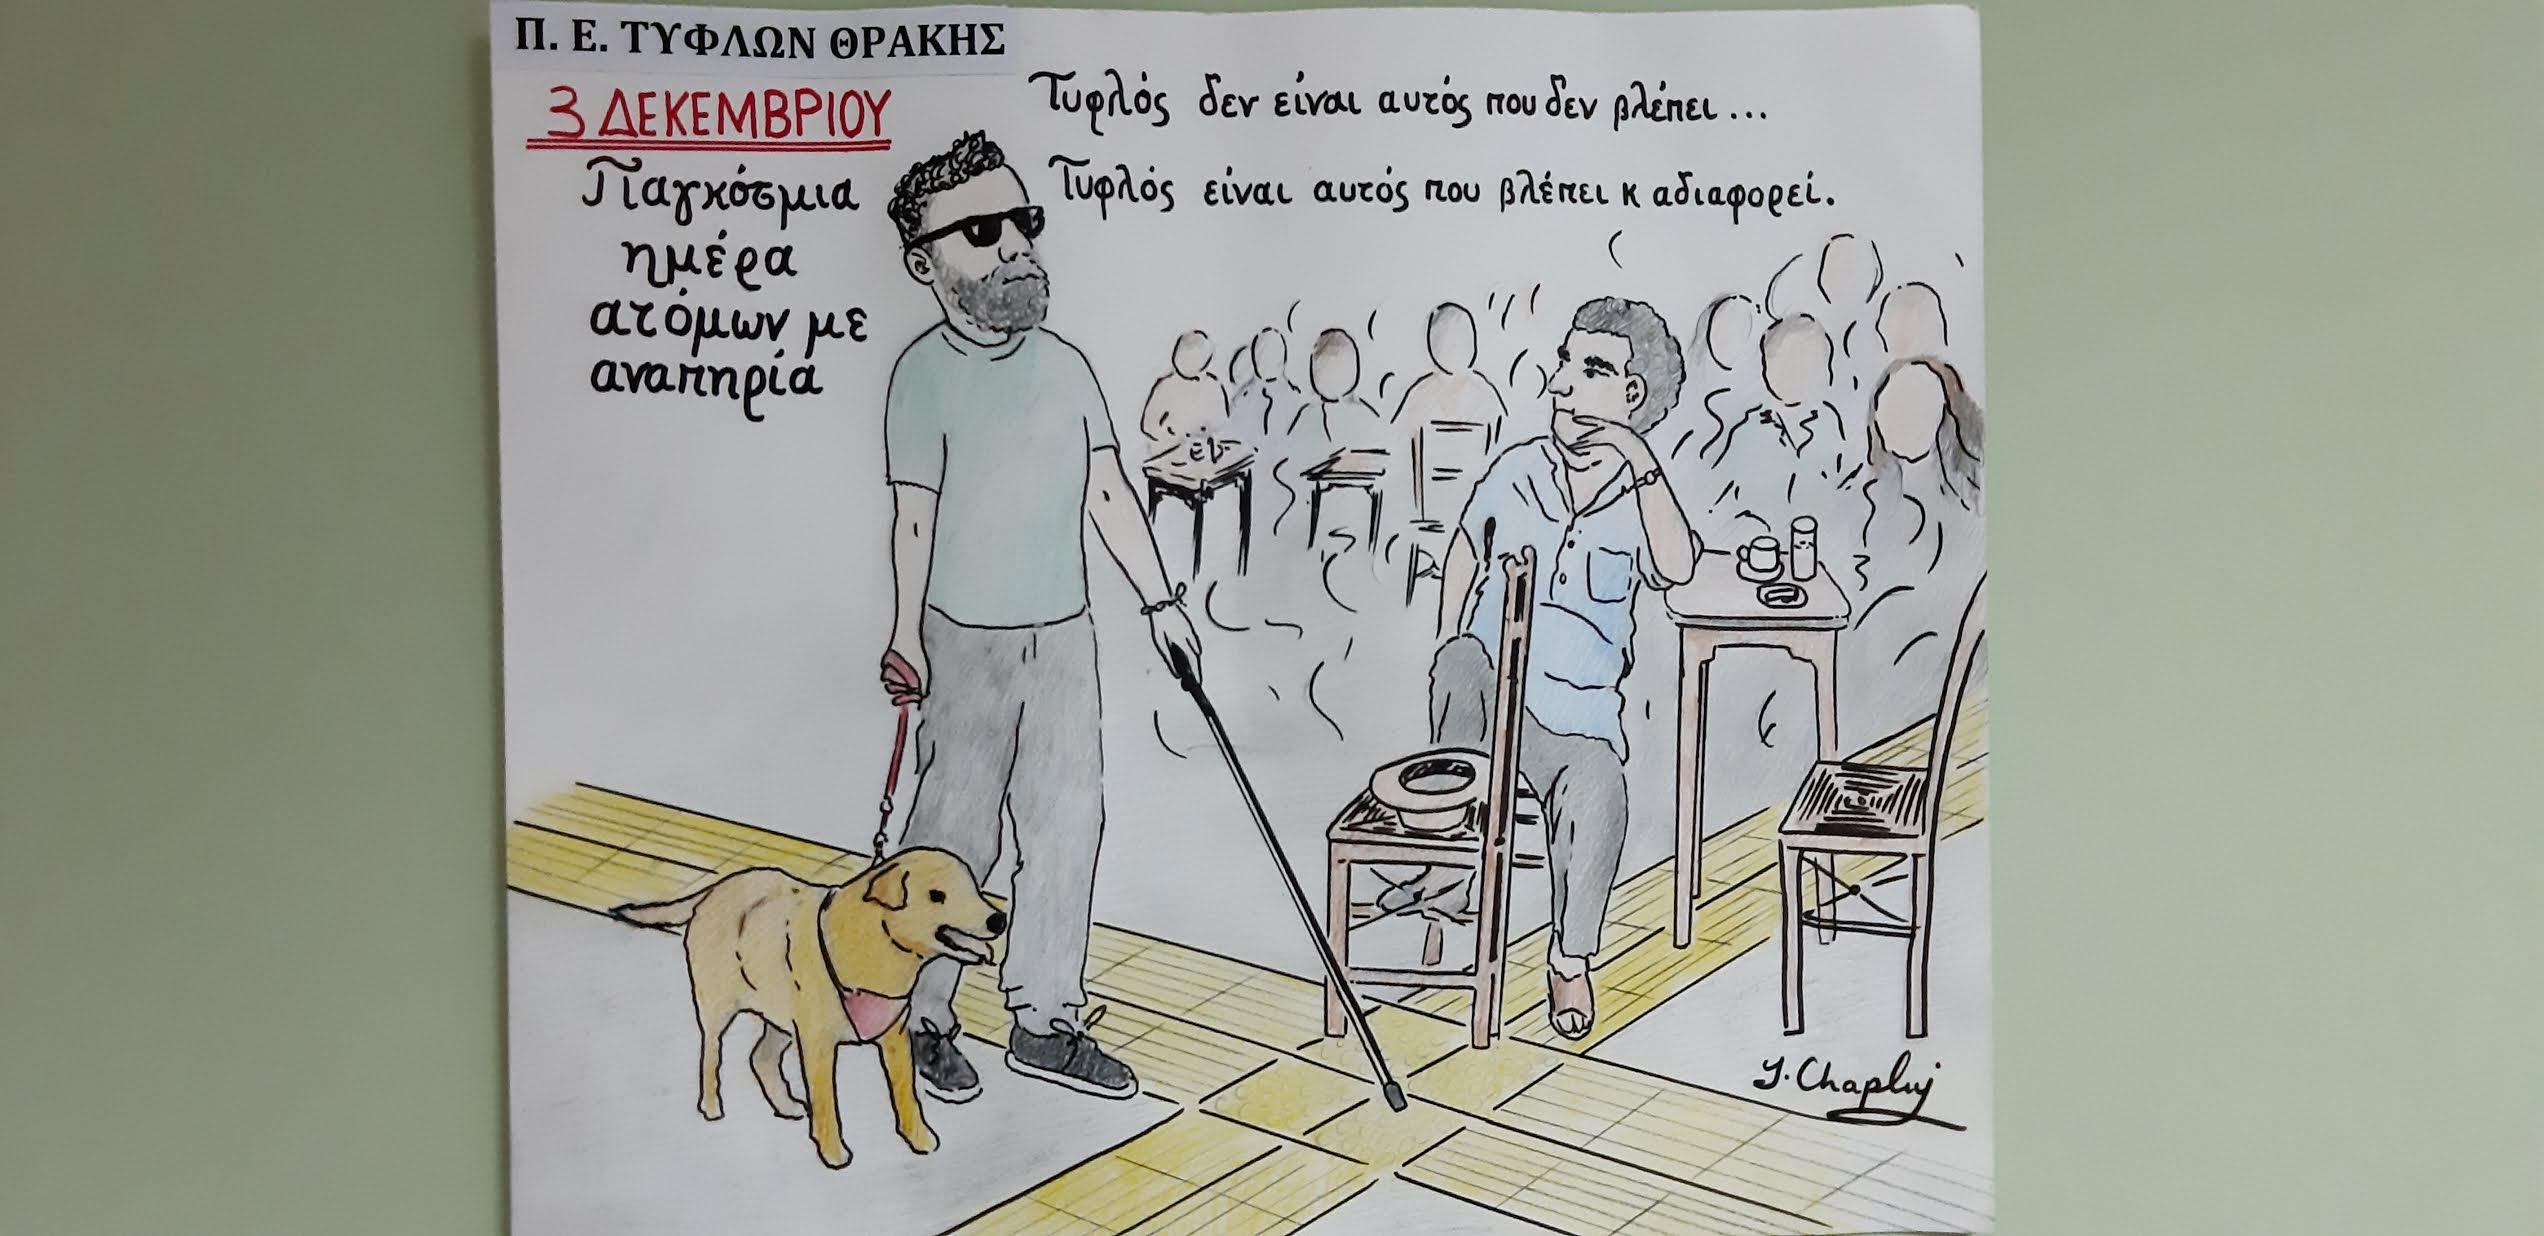 Η Ένωση Τυφλών Θράκης για την Ημέρα Αναπηρίας